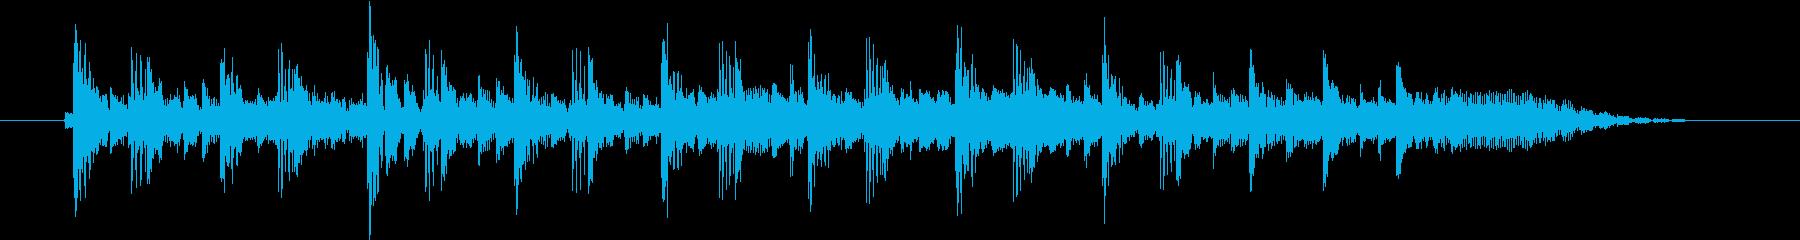 番組が始まるときに使えるジングルの再生済みの波形